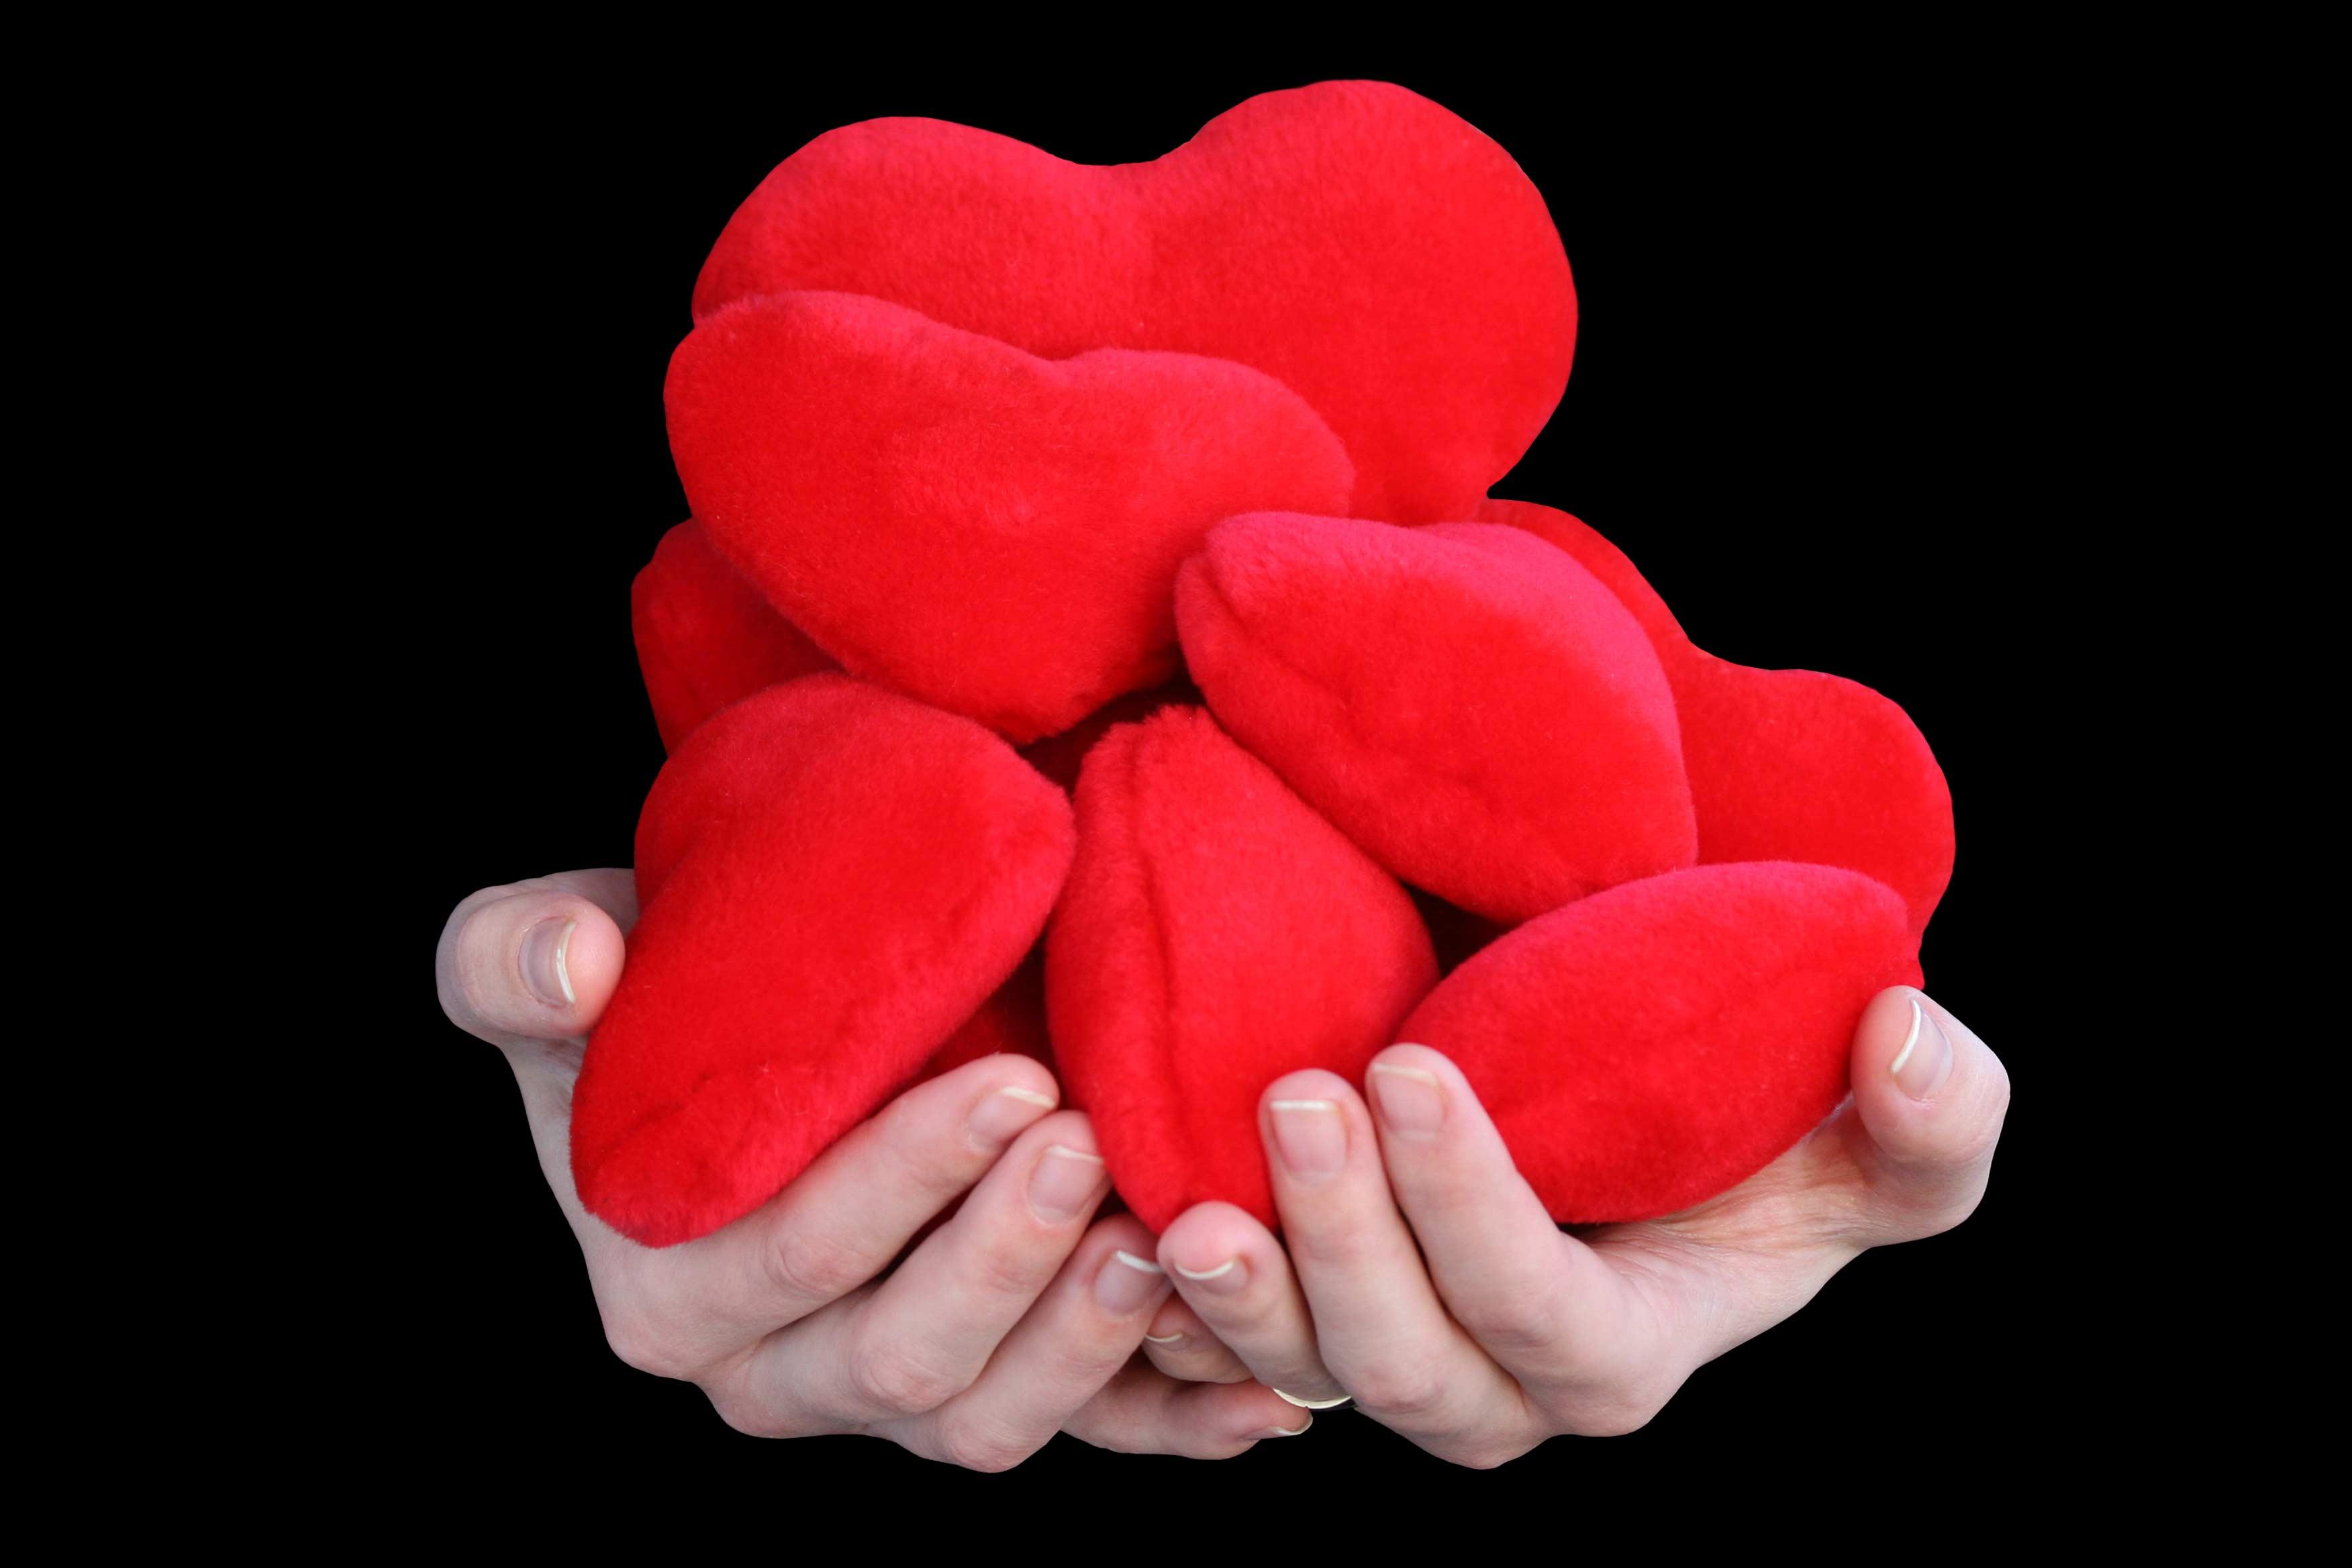 картинка с сердечками черно-белые